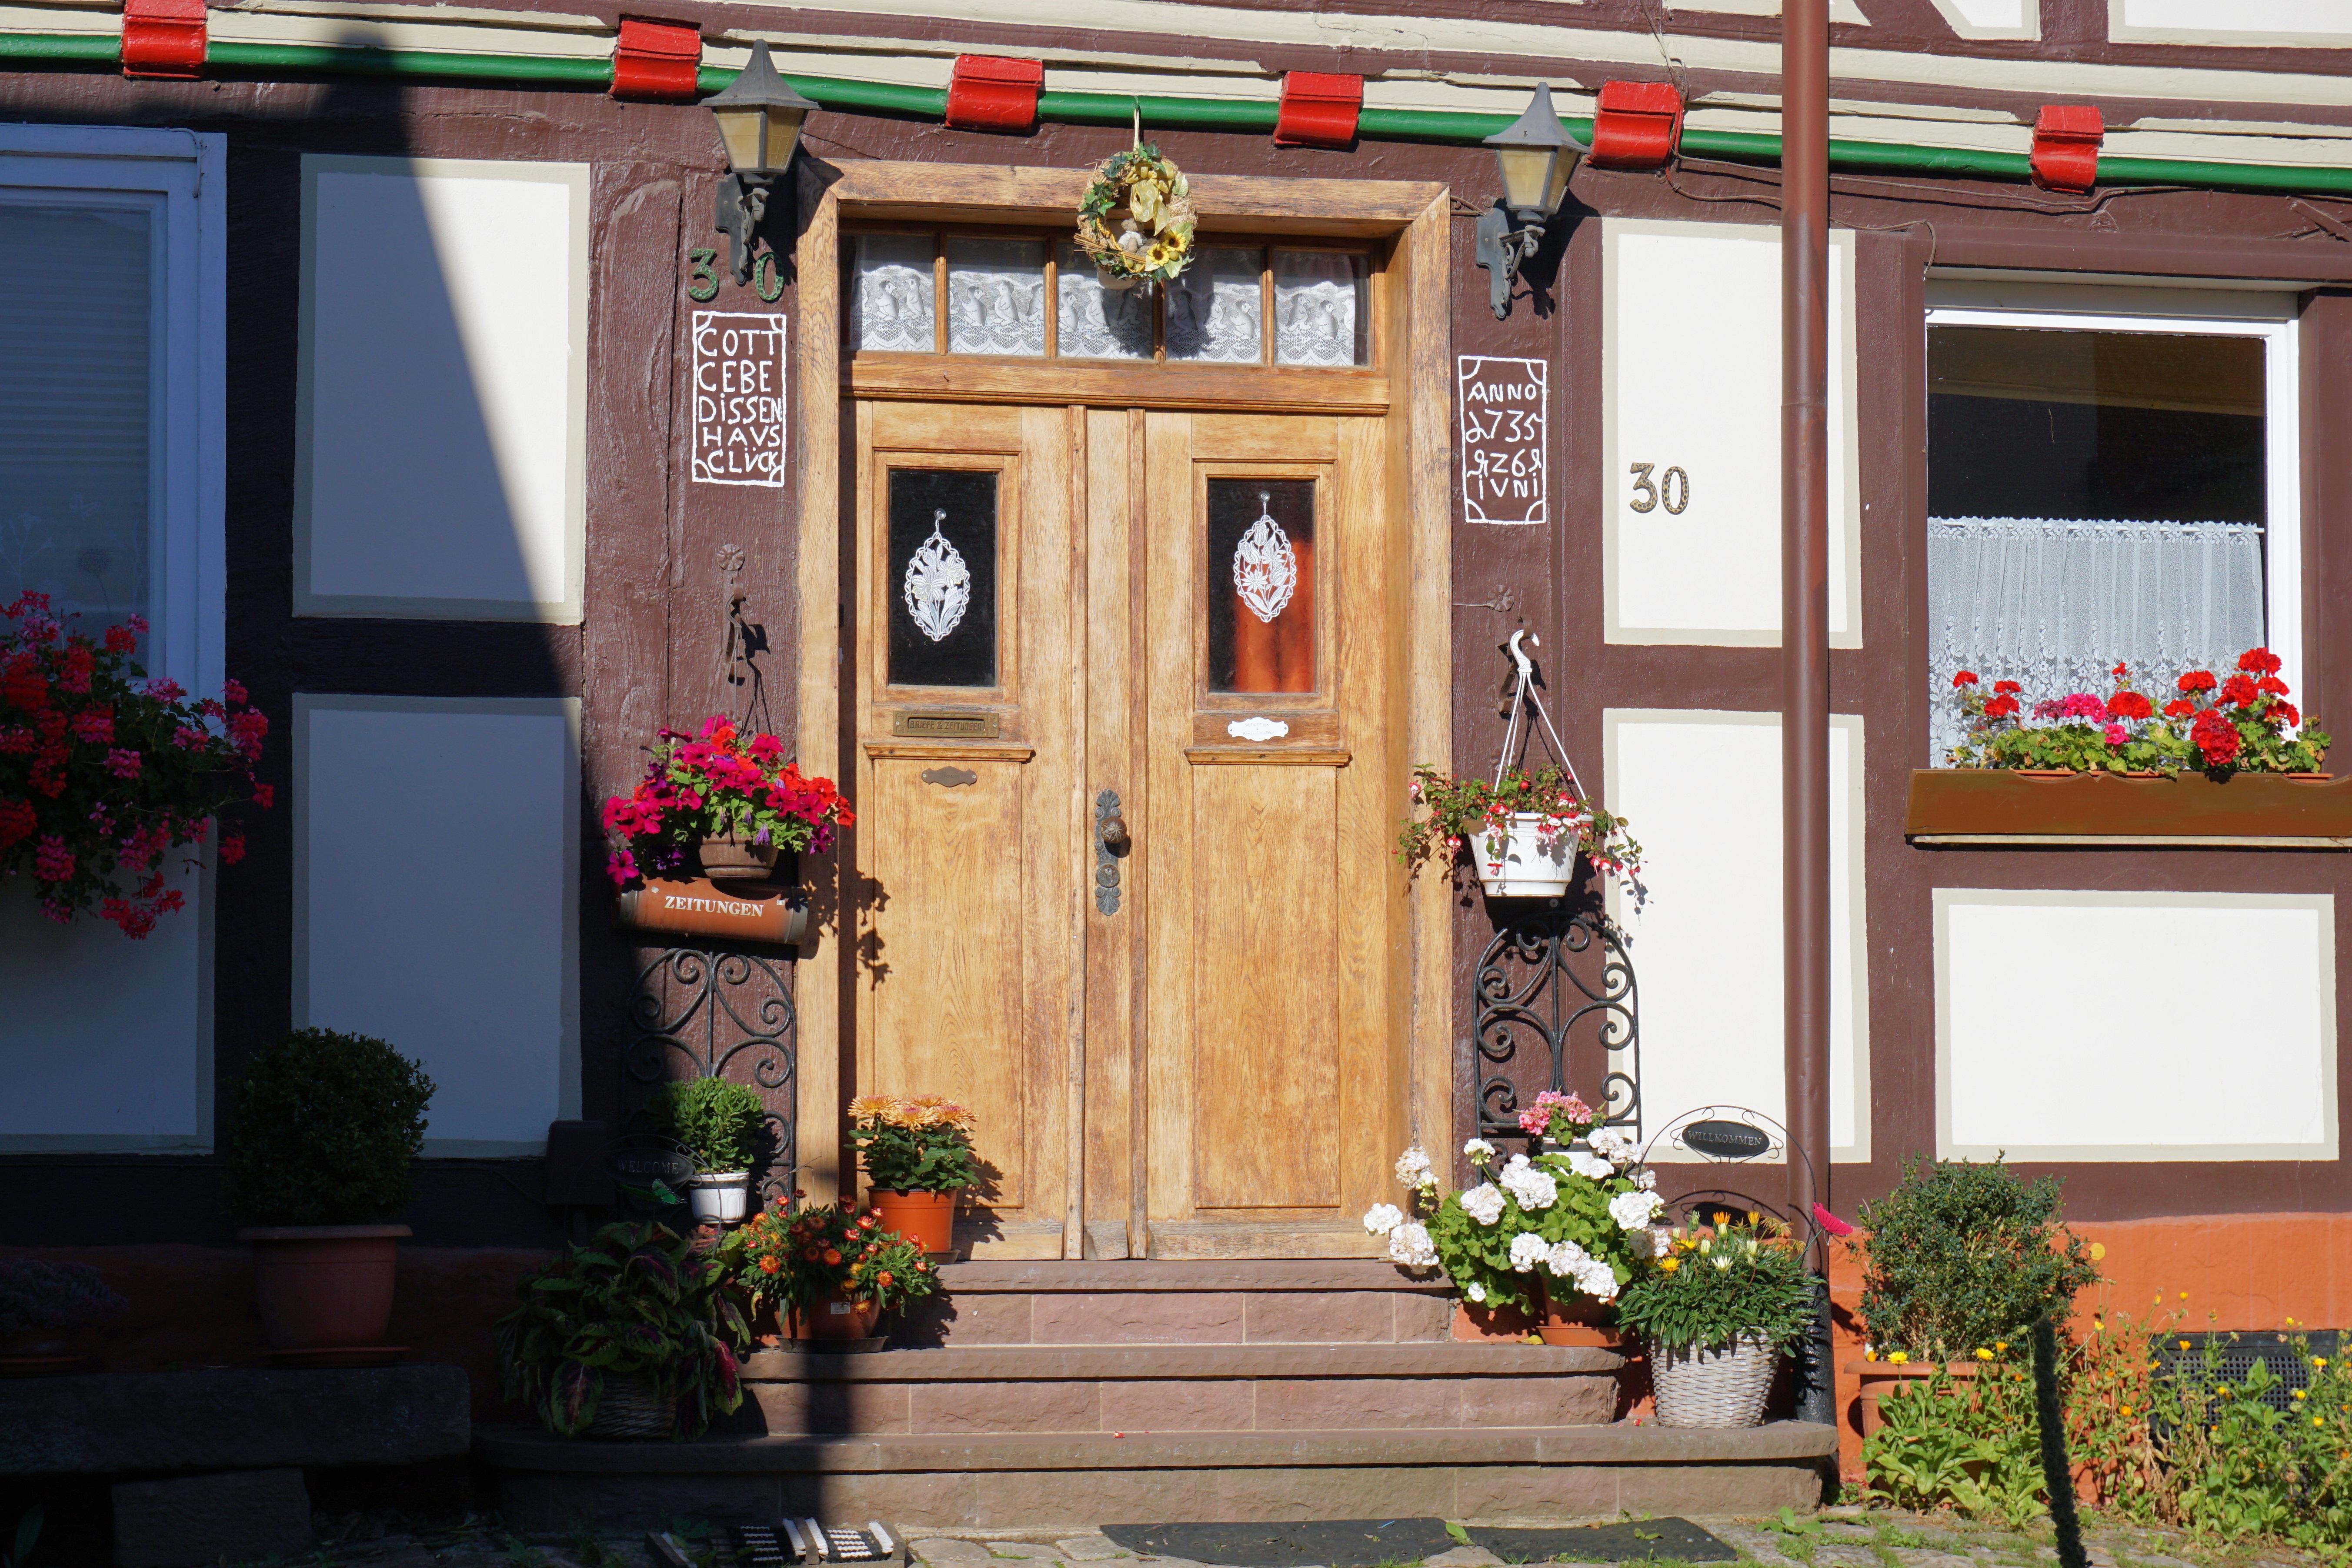 Porche D Entrée Bois images gratuites : bois, fleur, fenêtre, bâtiment, restaurant, vieux